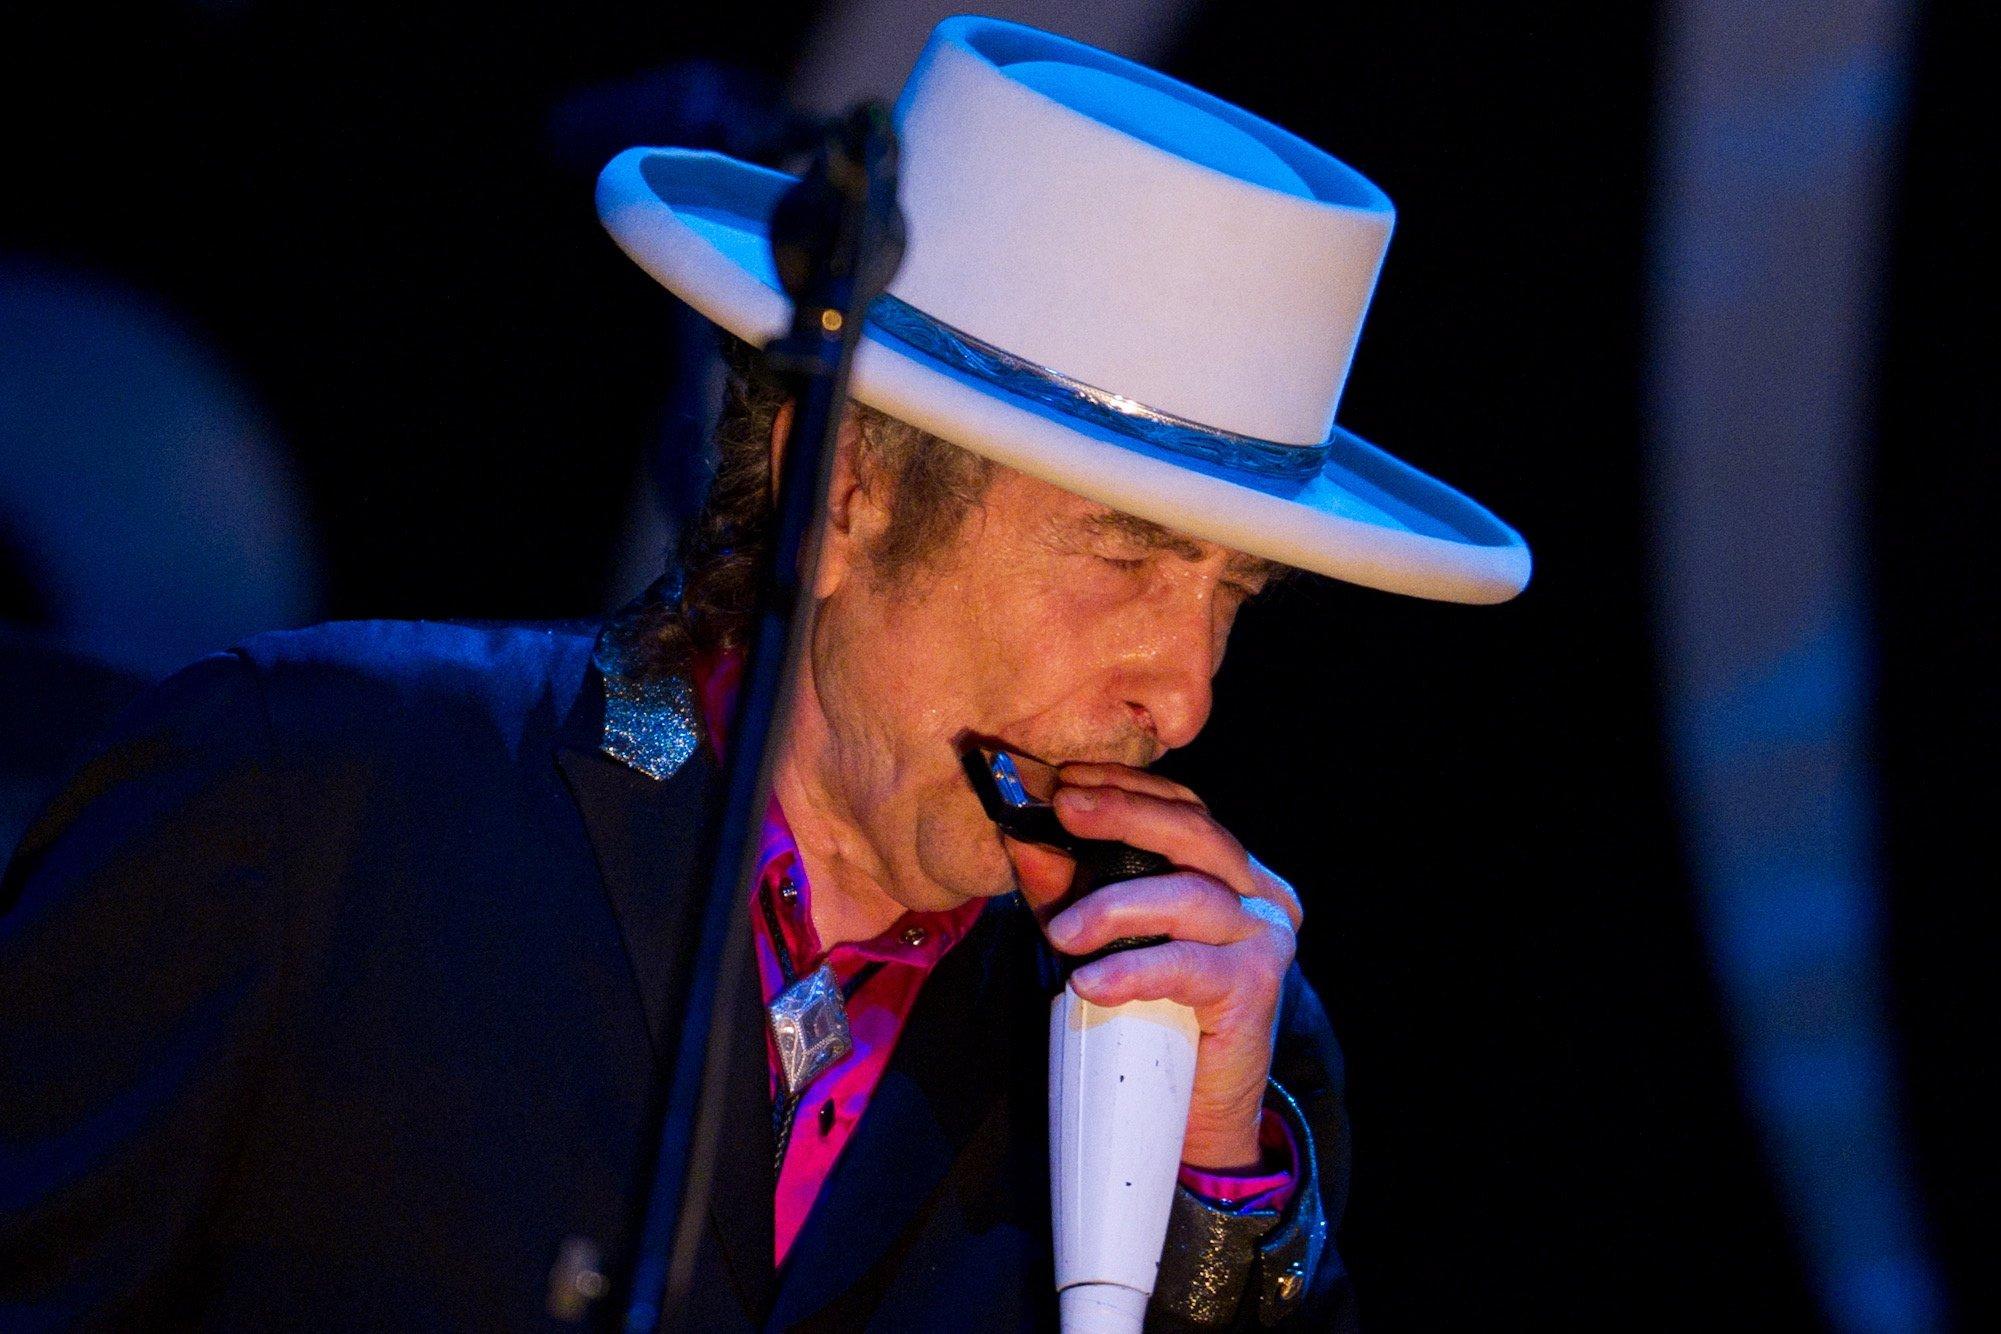 Ohne Schnickschnack: Bob Dylan begeisterte Konzert-Publikum in Wien mit purer Musik